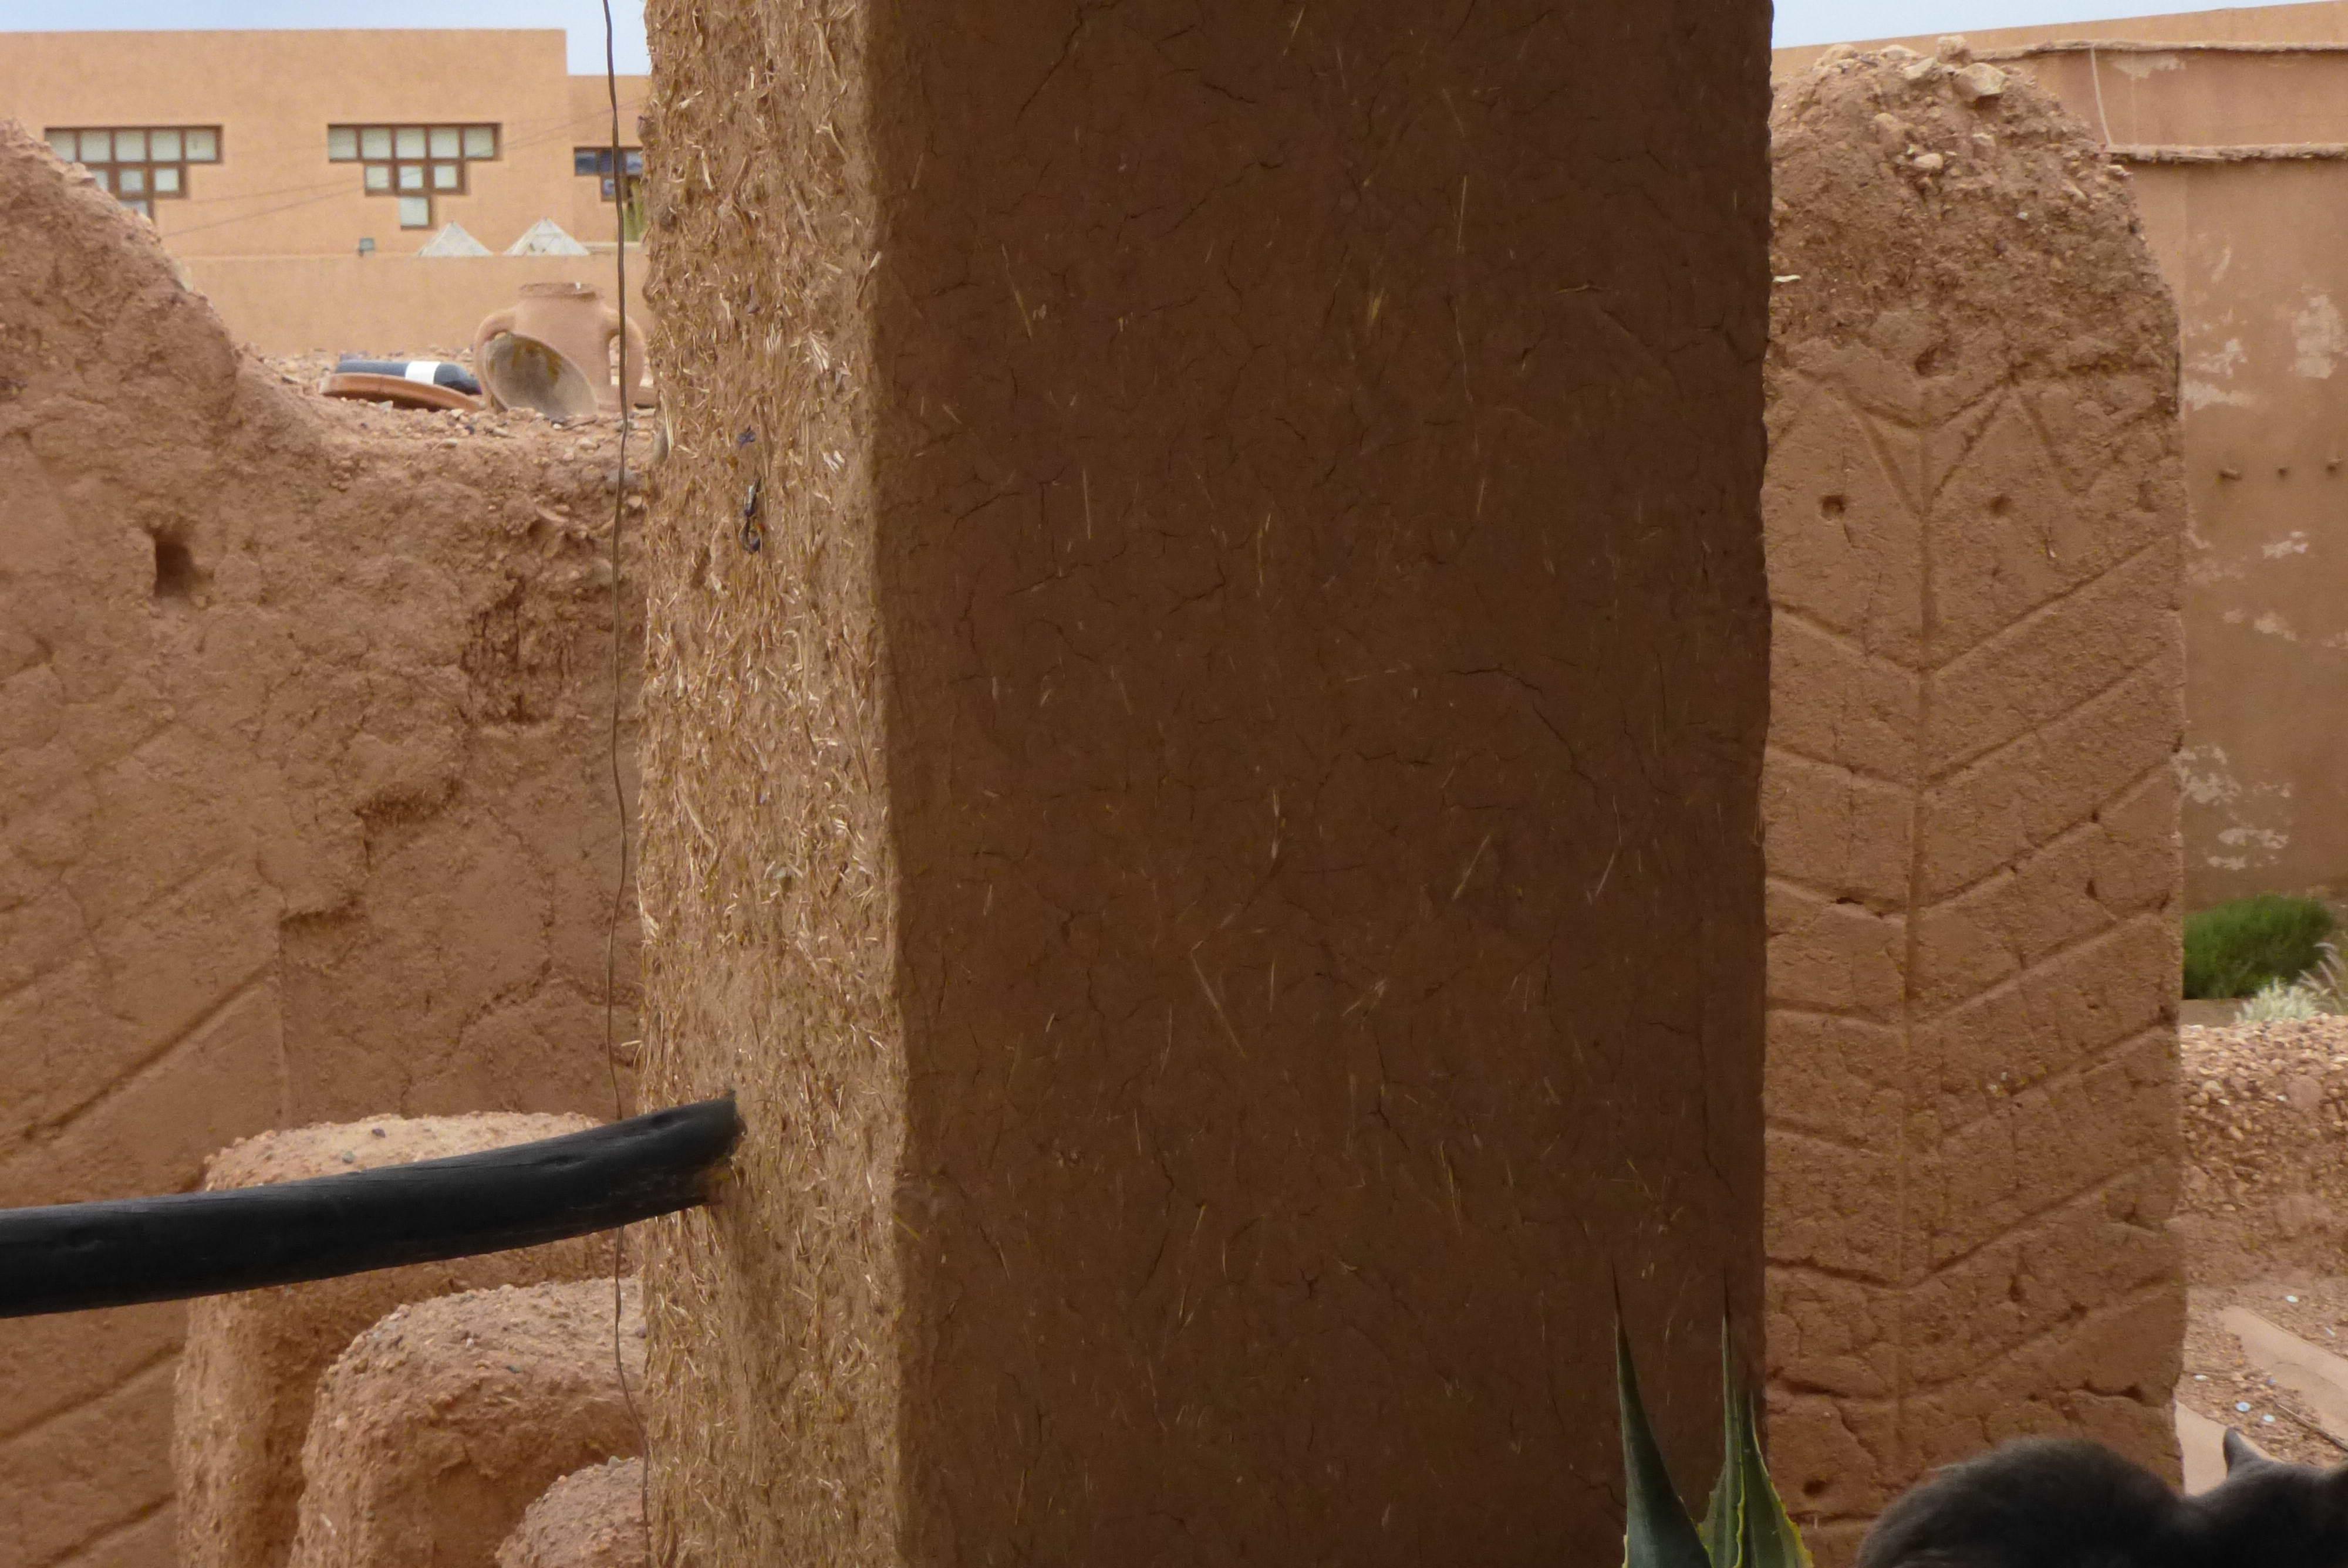 photo perso  architecture de terre    - Ouarzazate - Maroc  2013